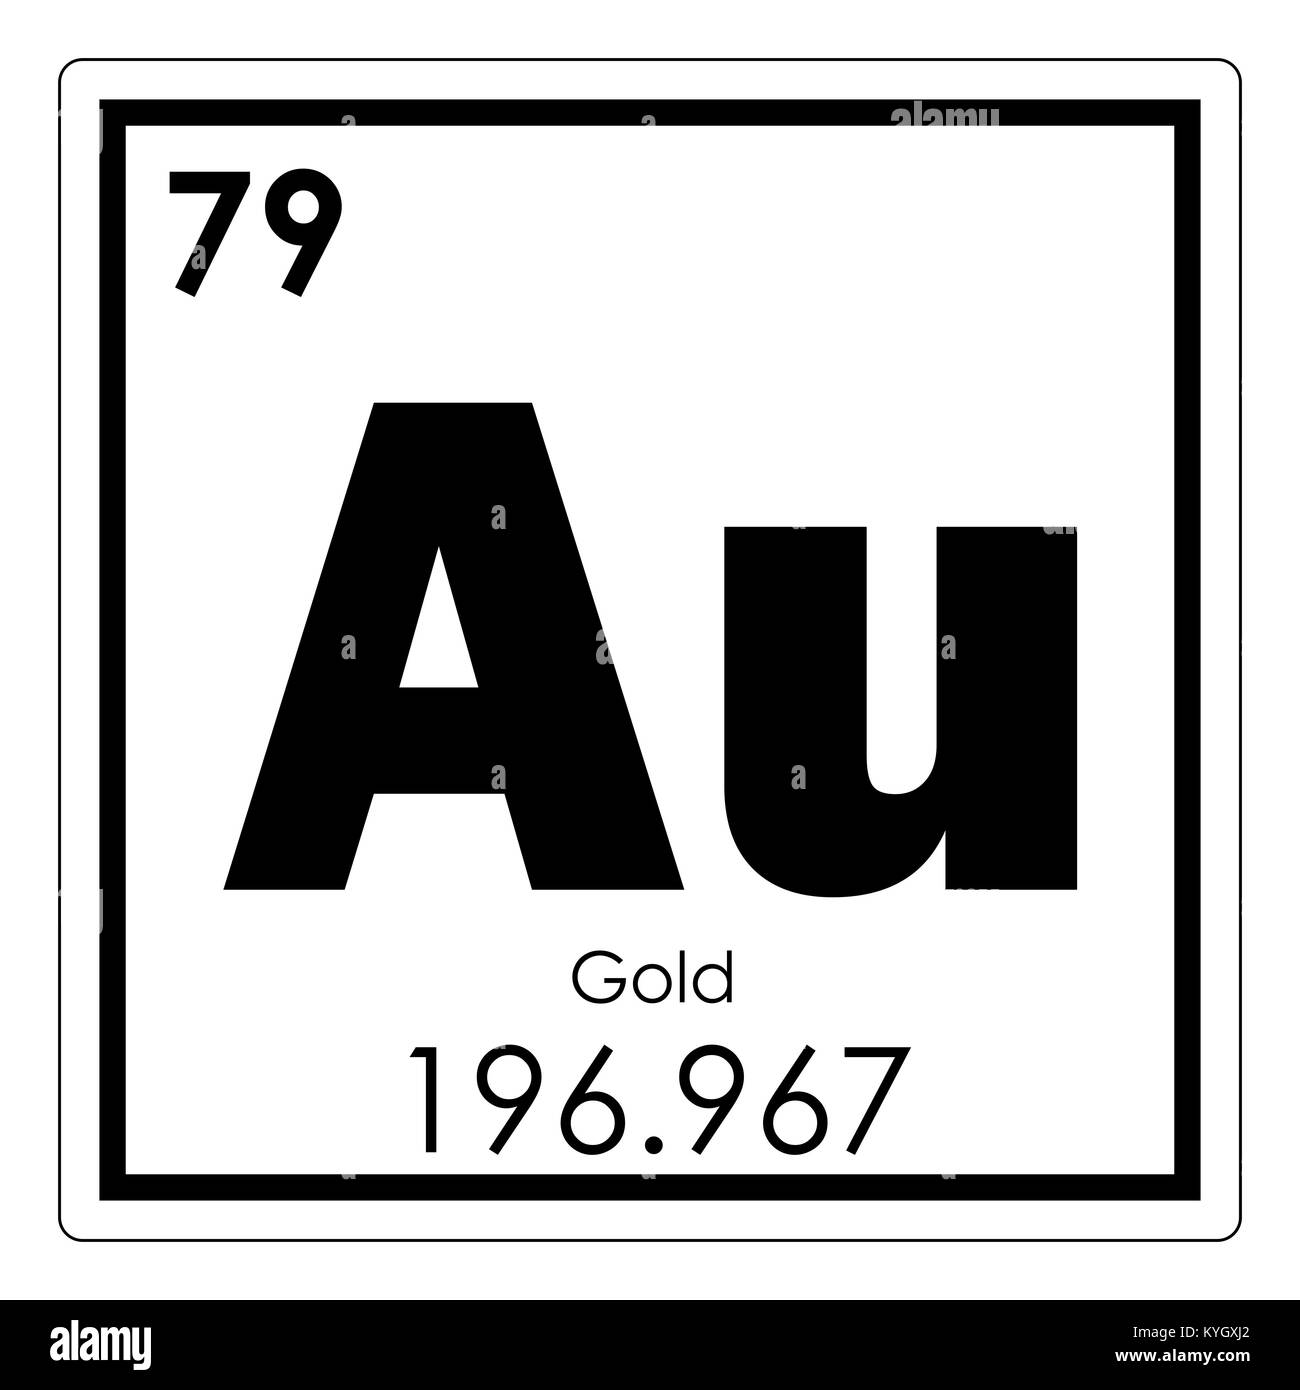 Tabla peridica de elementos qumicos de oro smbolo de la ciencia tabla peridica de elementos qumicos de oro smbolo de la ciencia urtaz Image collections